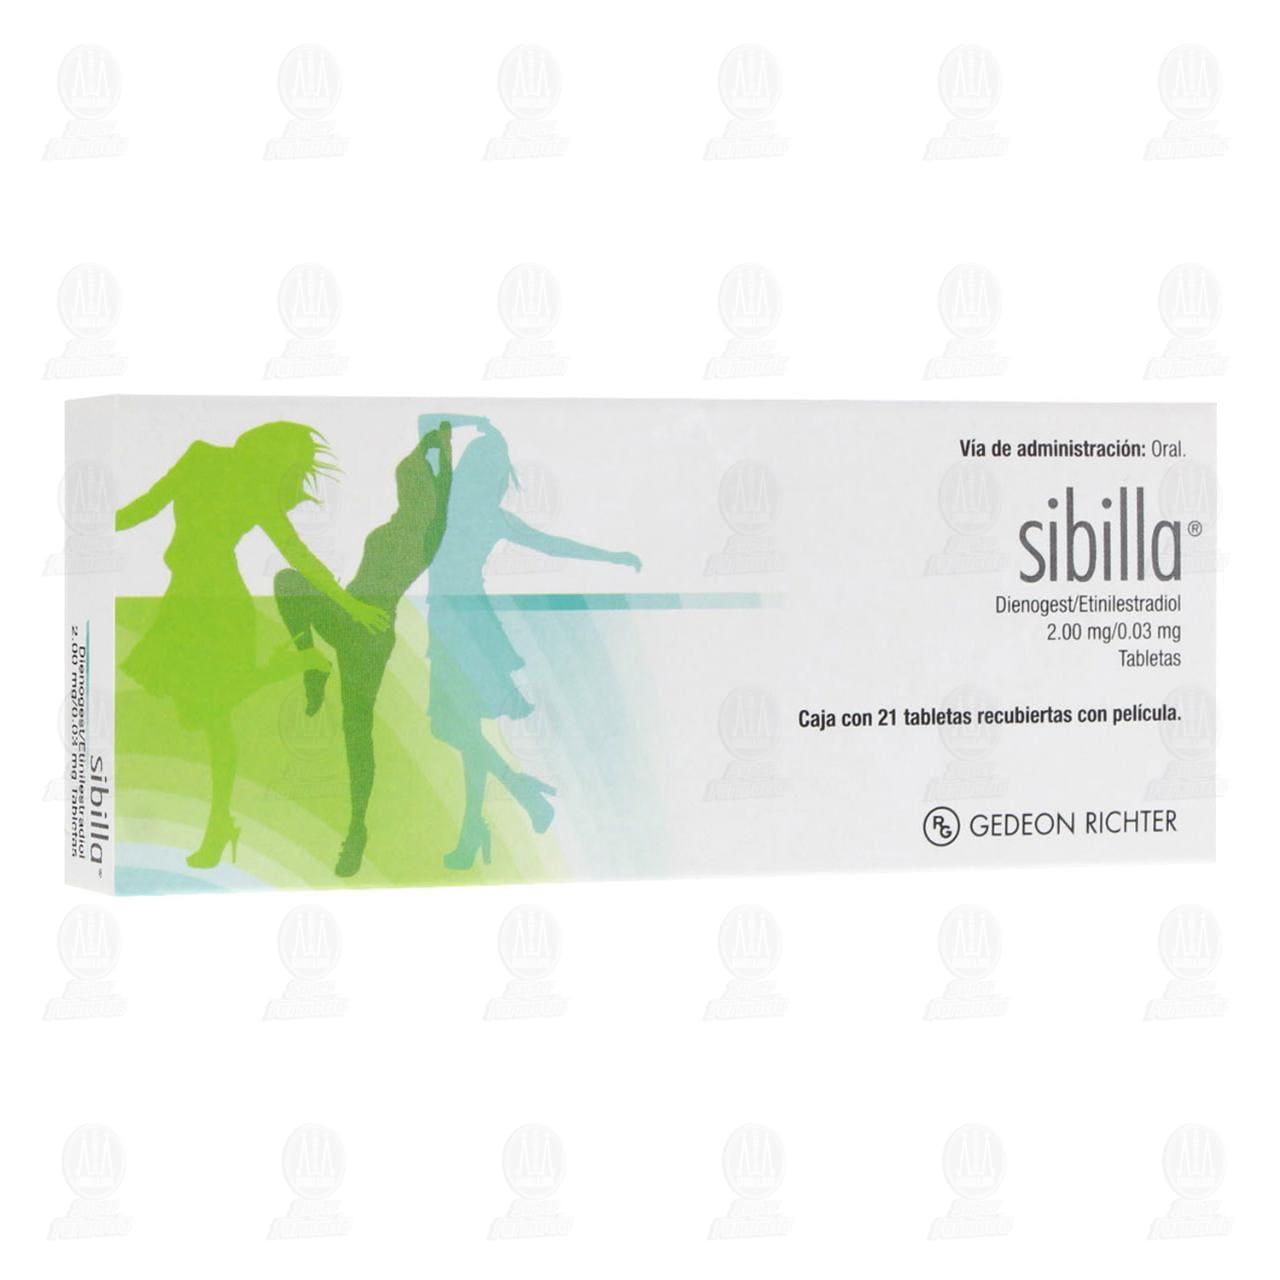 Comprar Sibilla 2.00/0.03mg 21 Tabletas en Farmacias Guadalajara